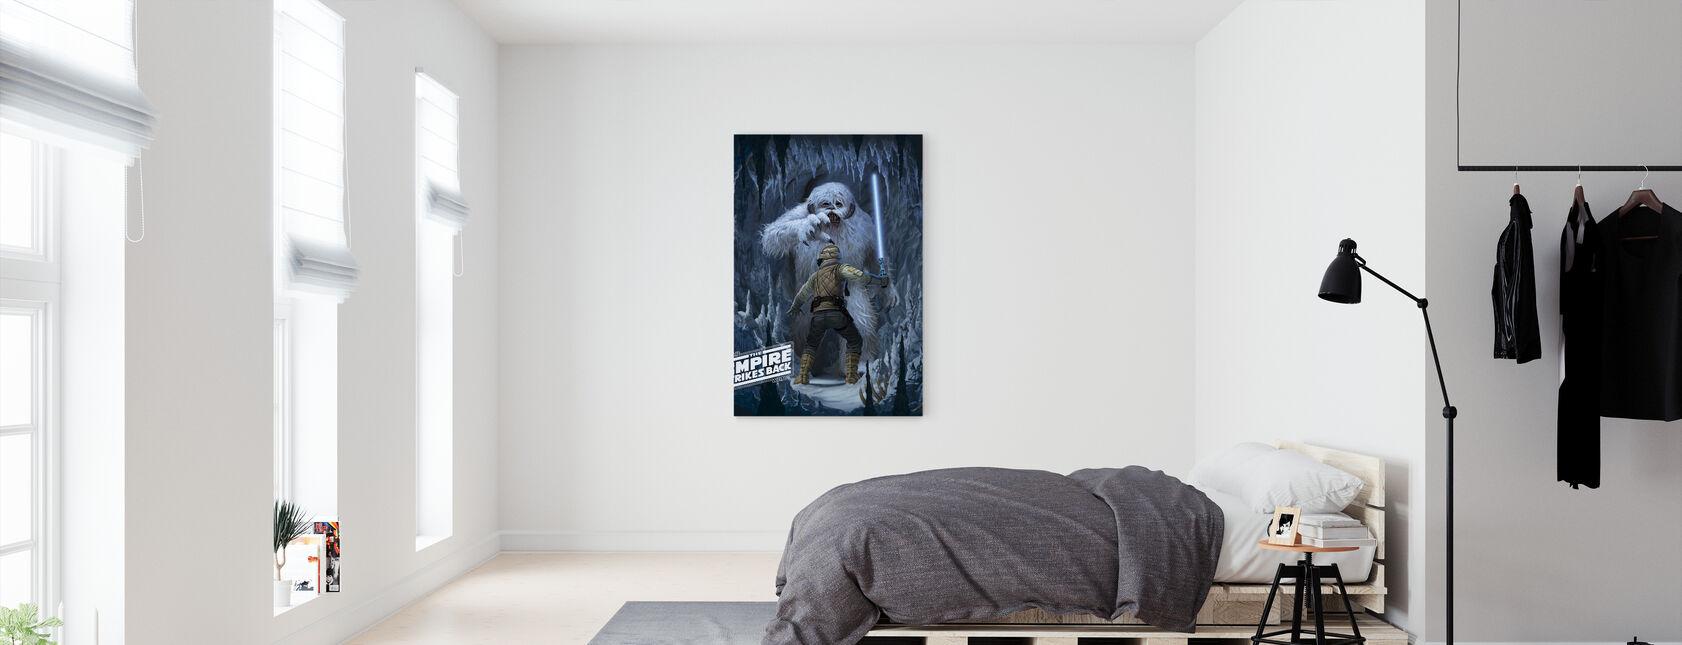 Wampa Cave - Canvas print - Bedroom